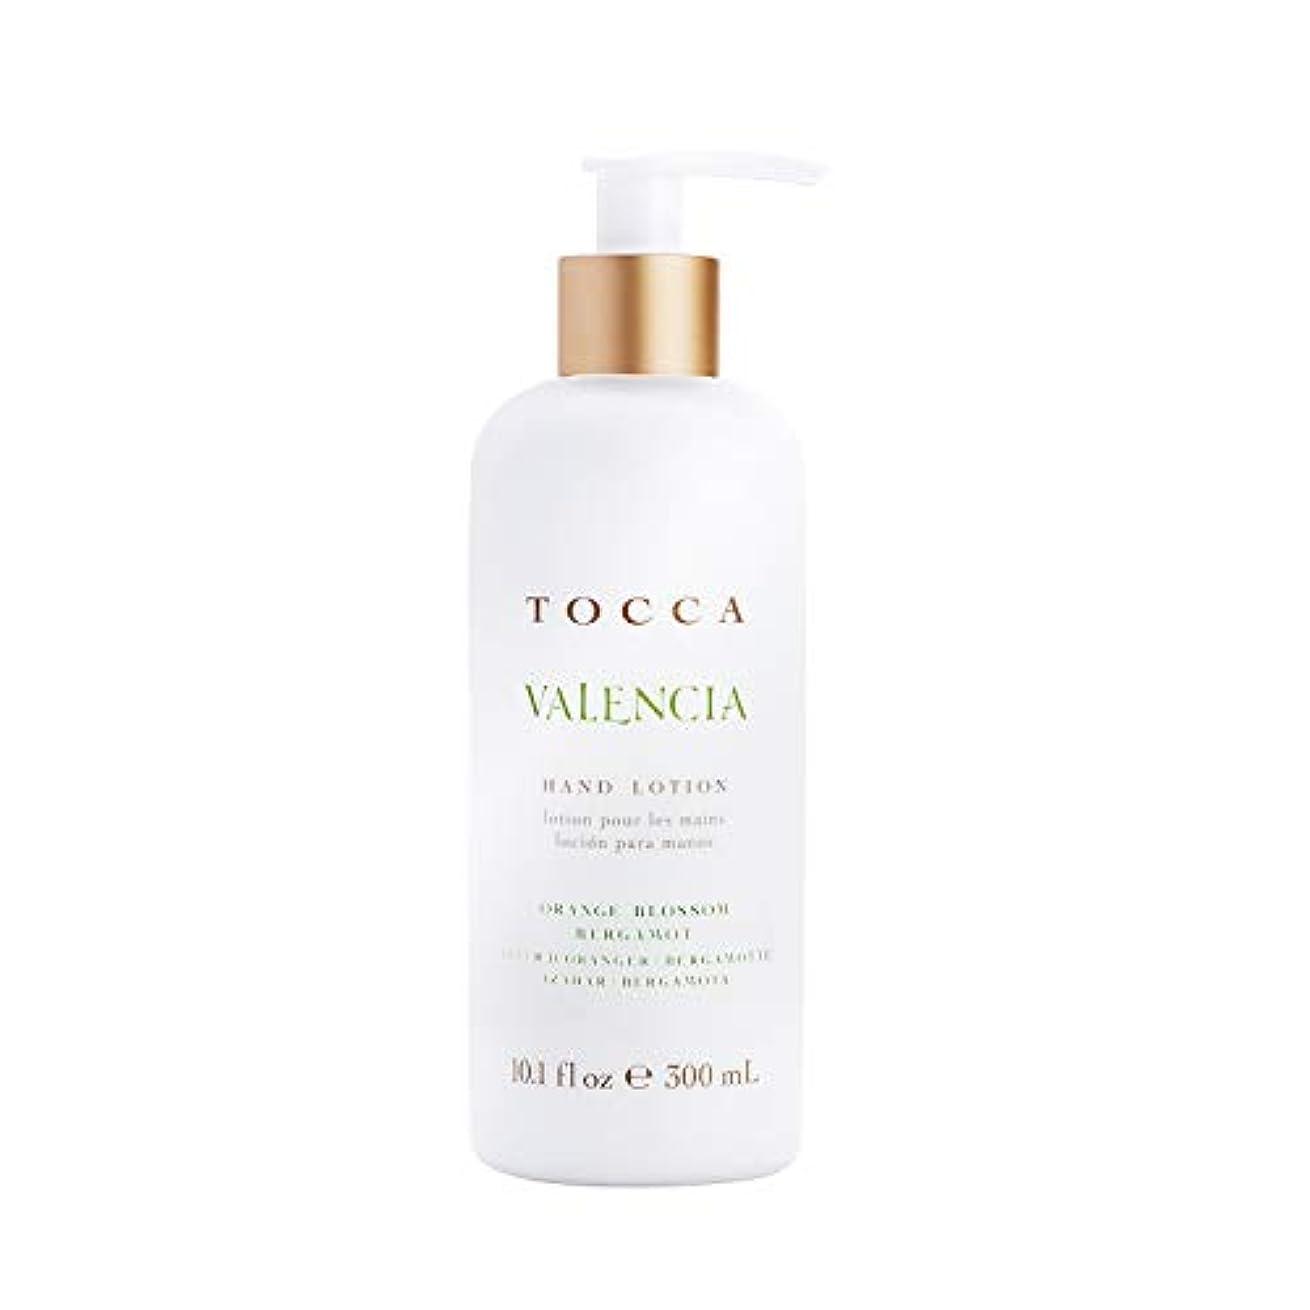 空気脳懲戒TOCCA(トッカ) ボヤージュ ハンドローション バレンシア 300mL (手肌用保湿 ハンドクリーム オレンジとベルガモットのフレッシュシトラスな香り)